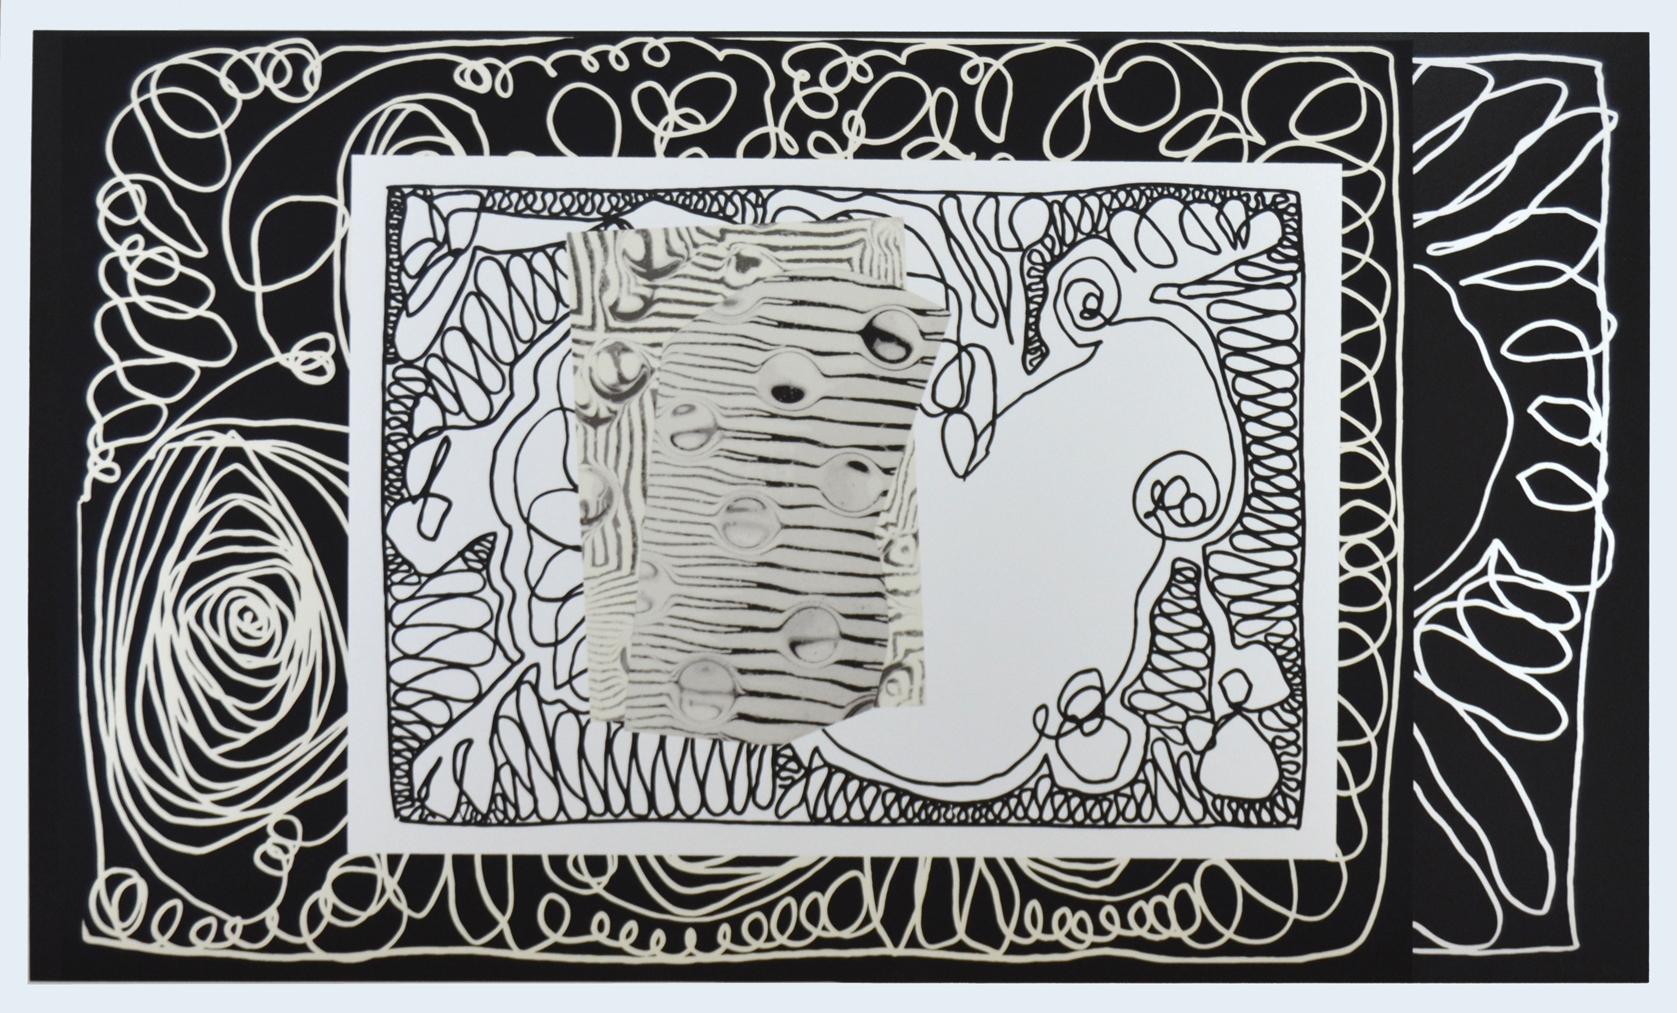 Desenvoltura, osario y lujuria de (no hay) dios 2,  2011